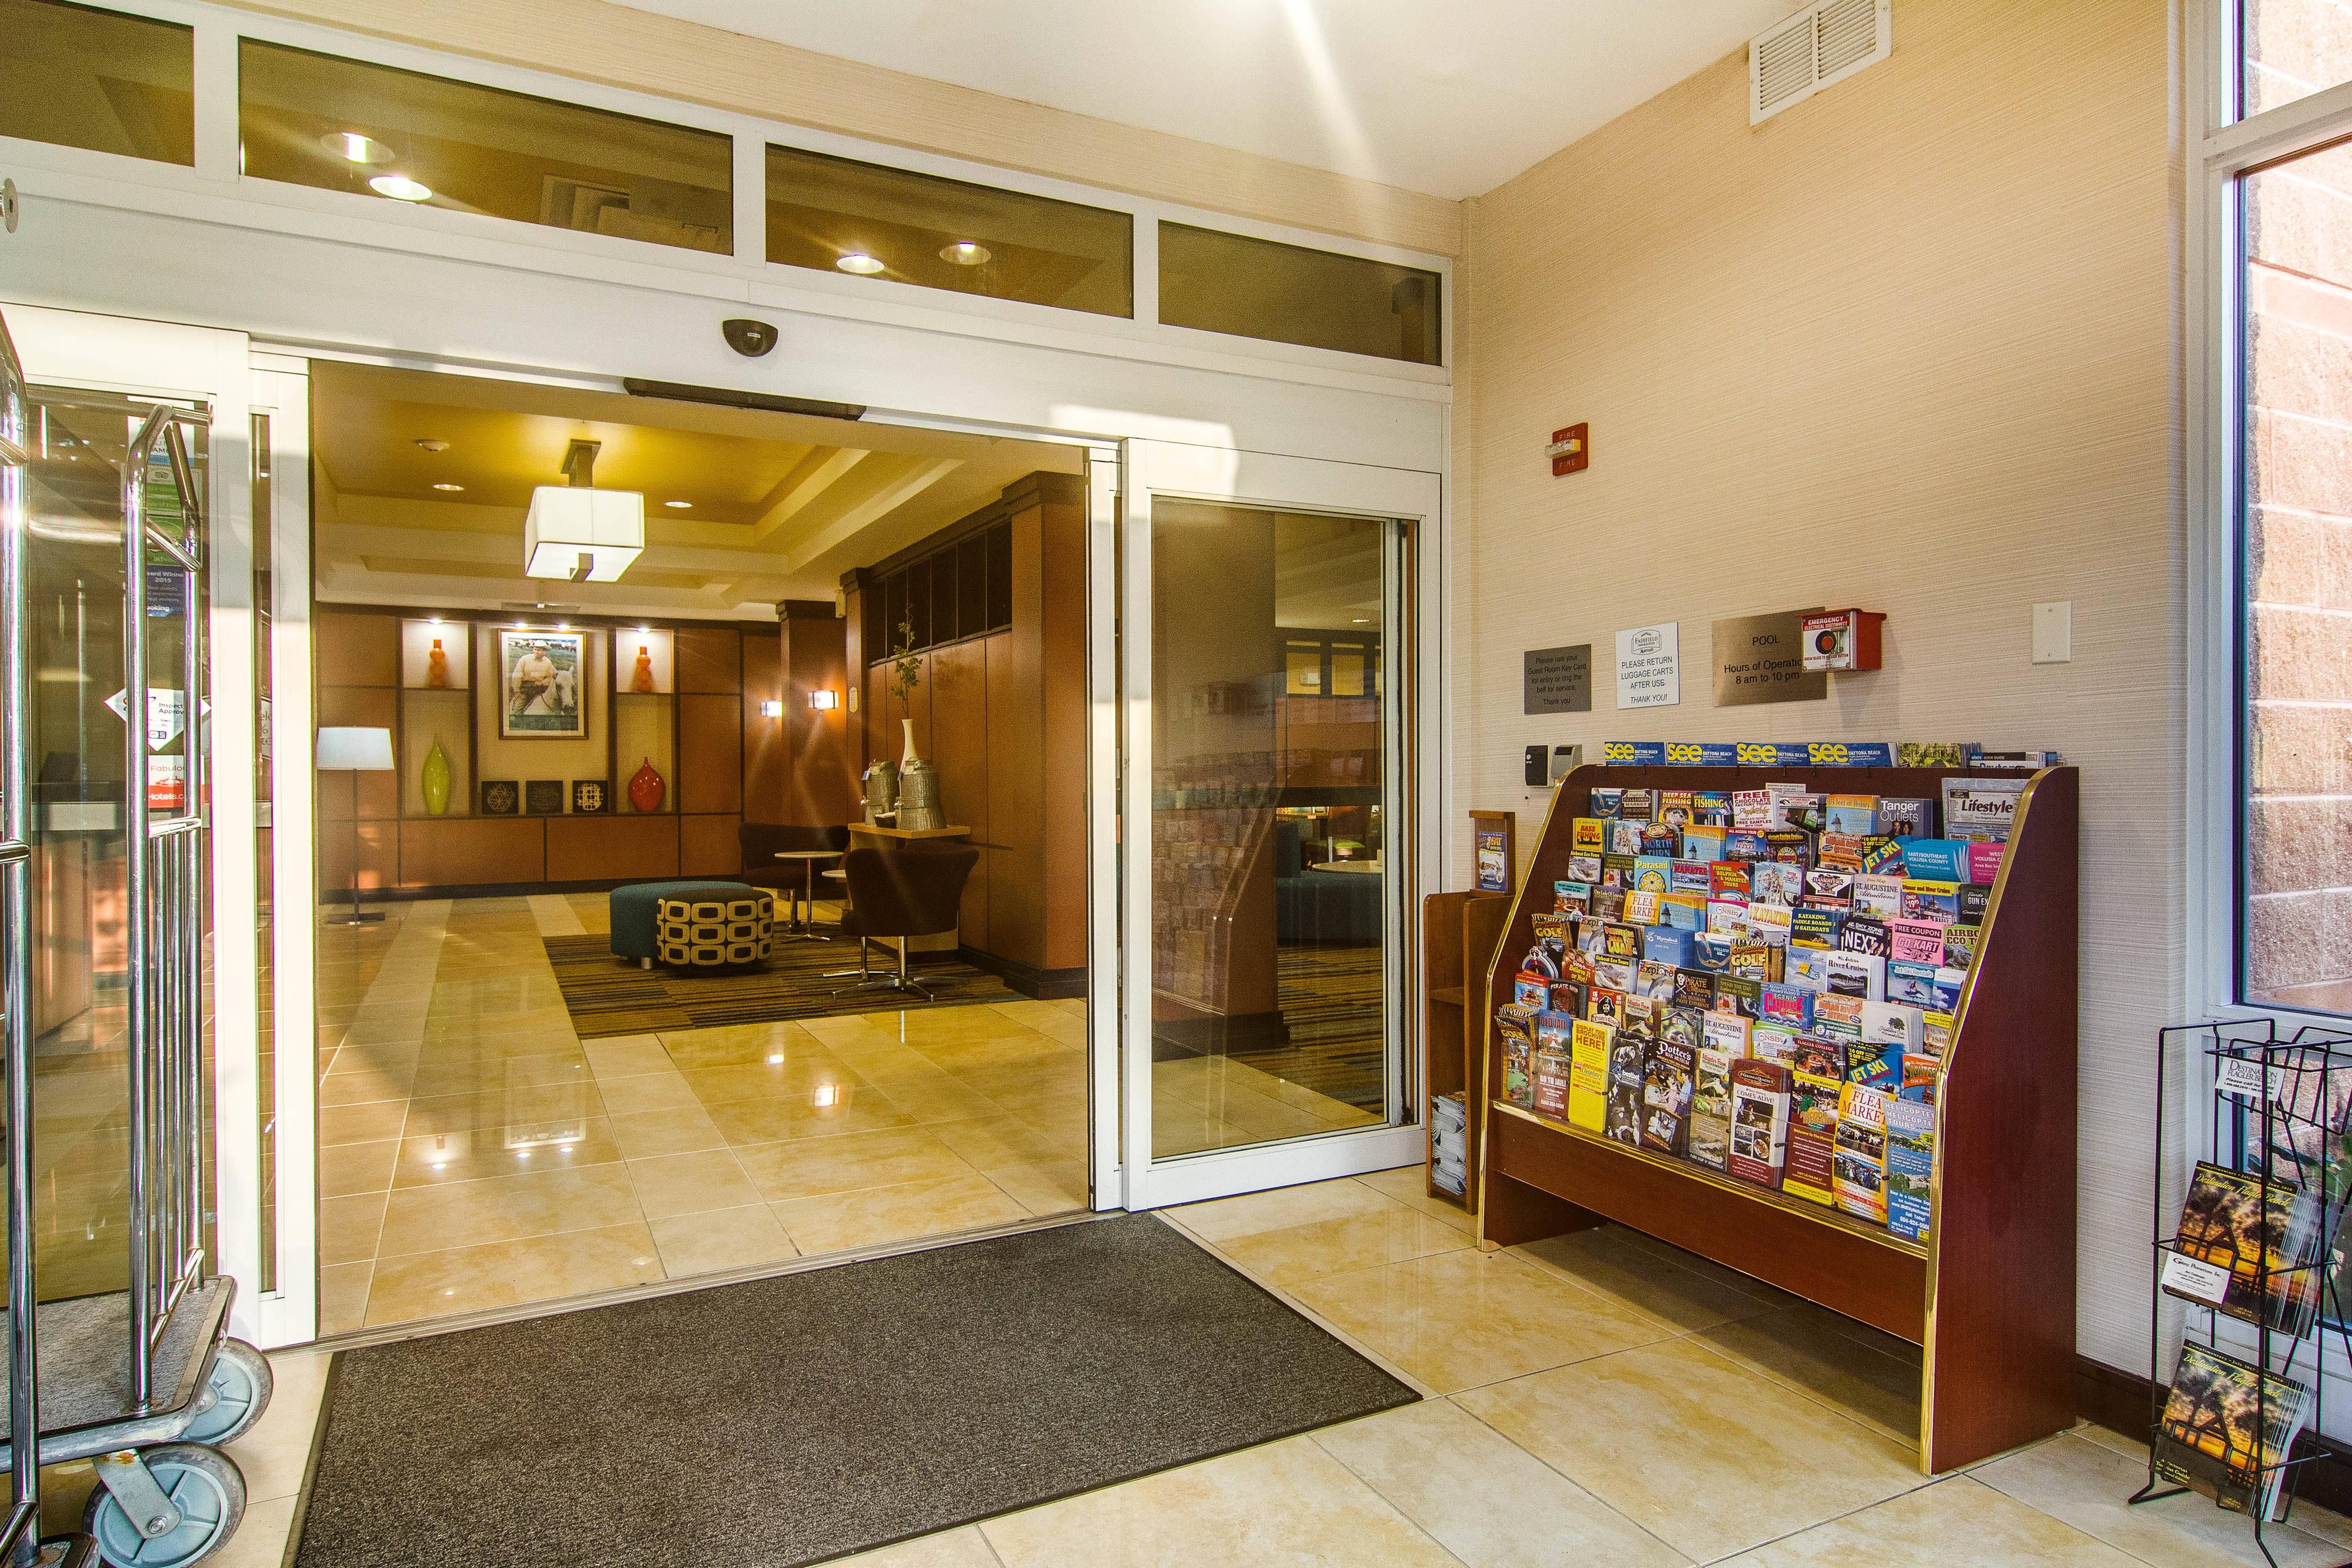 Fairfield Inn & Suites By Marriott Palm Coast I-95